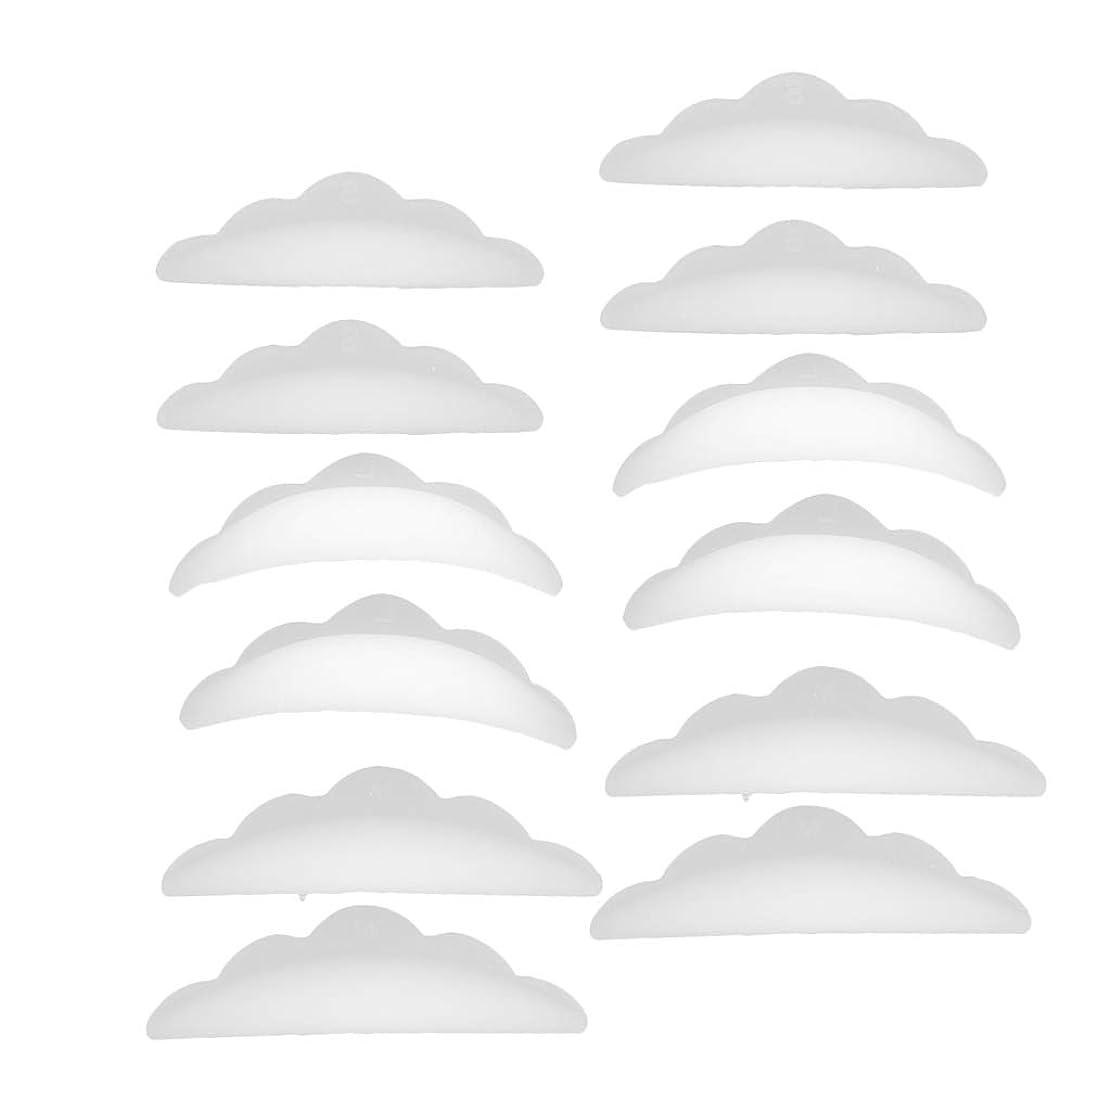 観光不満パイルCUTICATE まつげパーマパッド 12本 シリコーン 団子形 シールド アイメイク